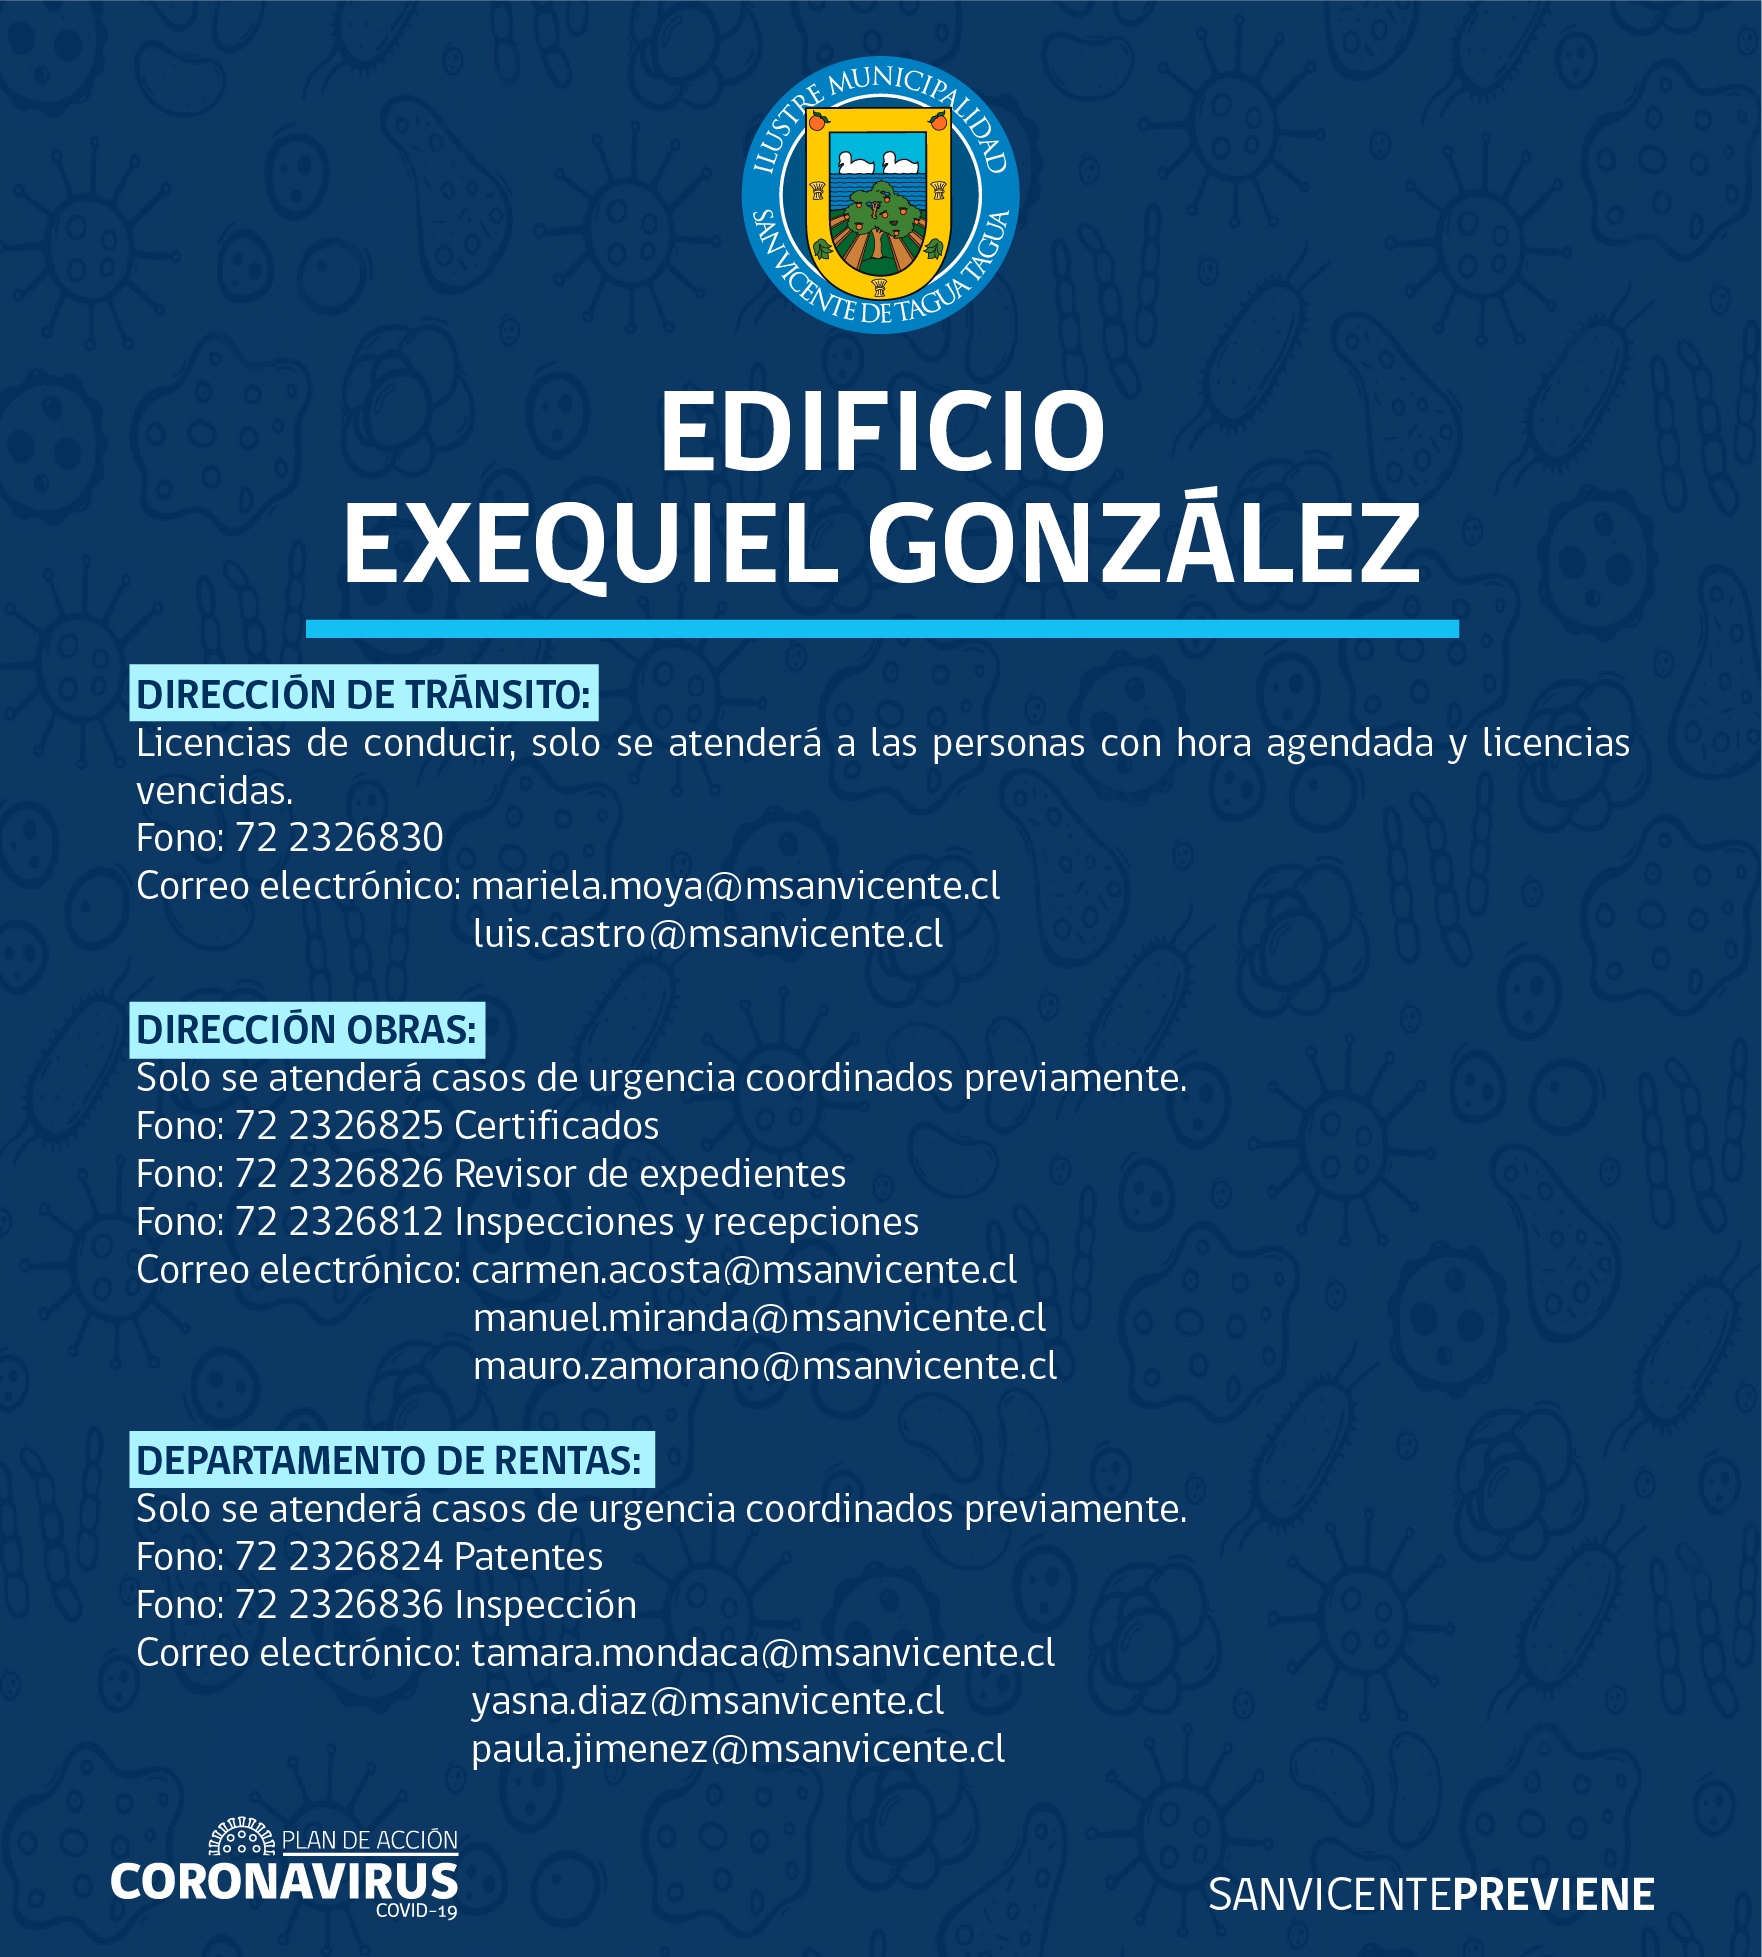 FUNCIONAMIENTO DEL EDIFICIO MUNICIPAL DE CALLE EXEQUIEL GONZÁLEZ